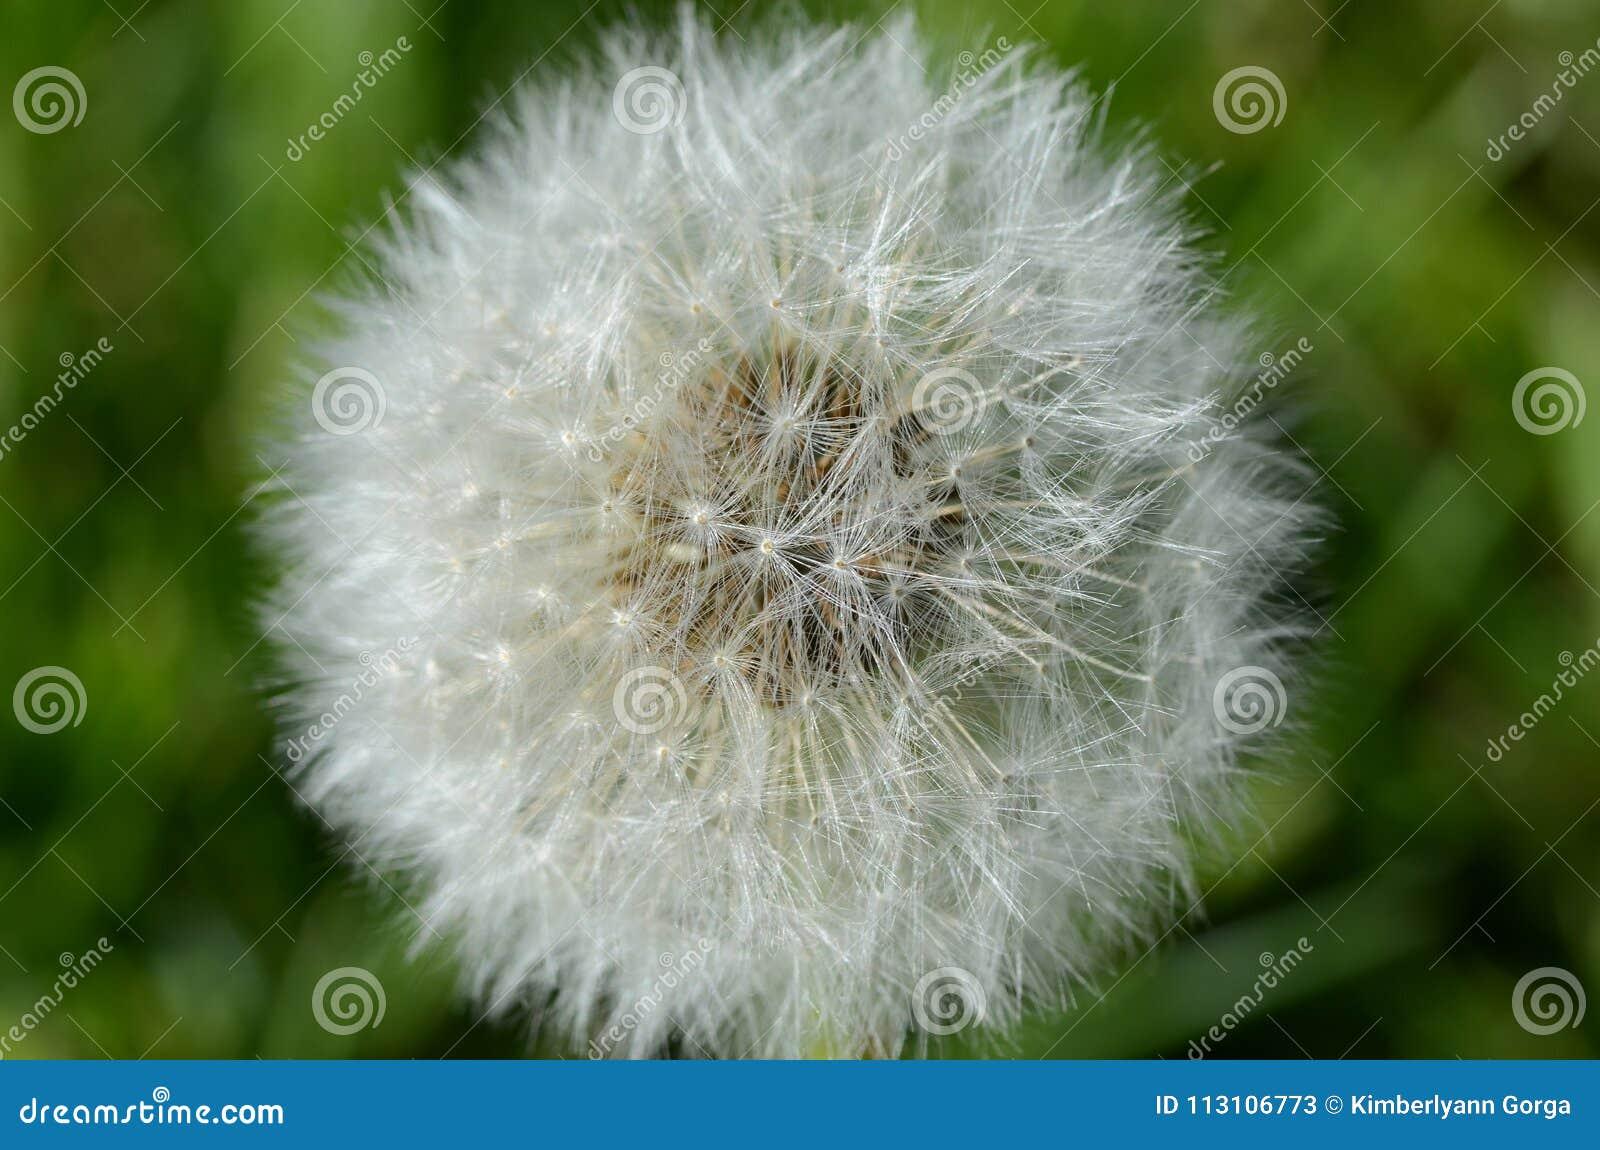 Dandelion Seed Pod in Macro